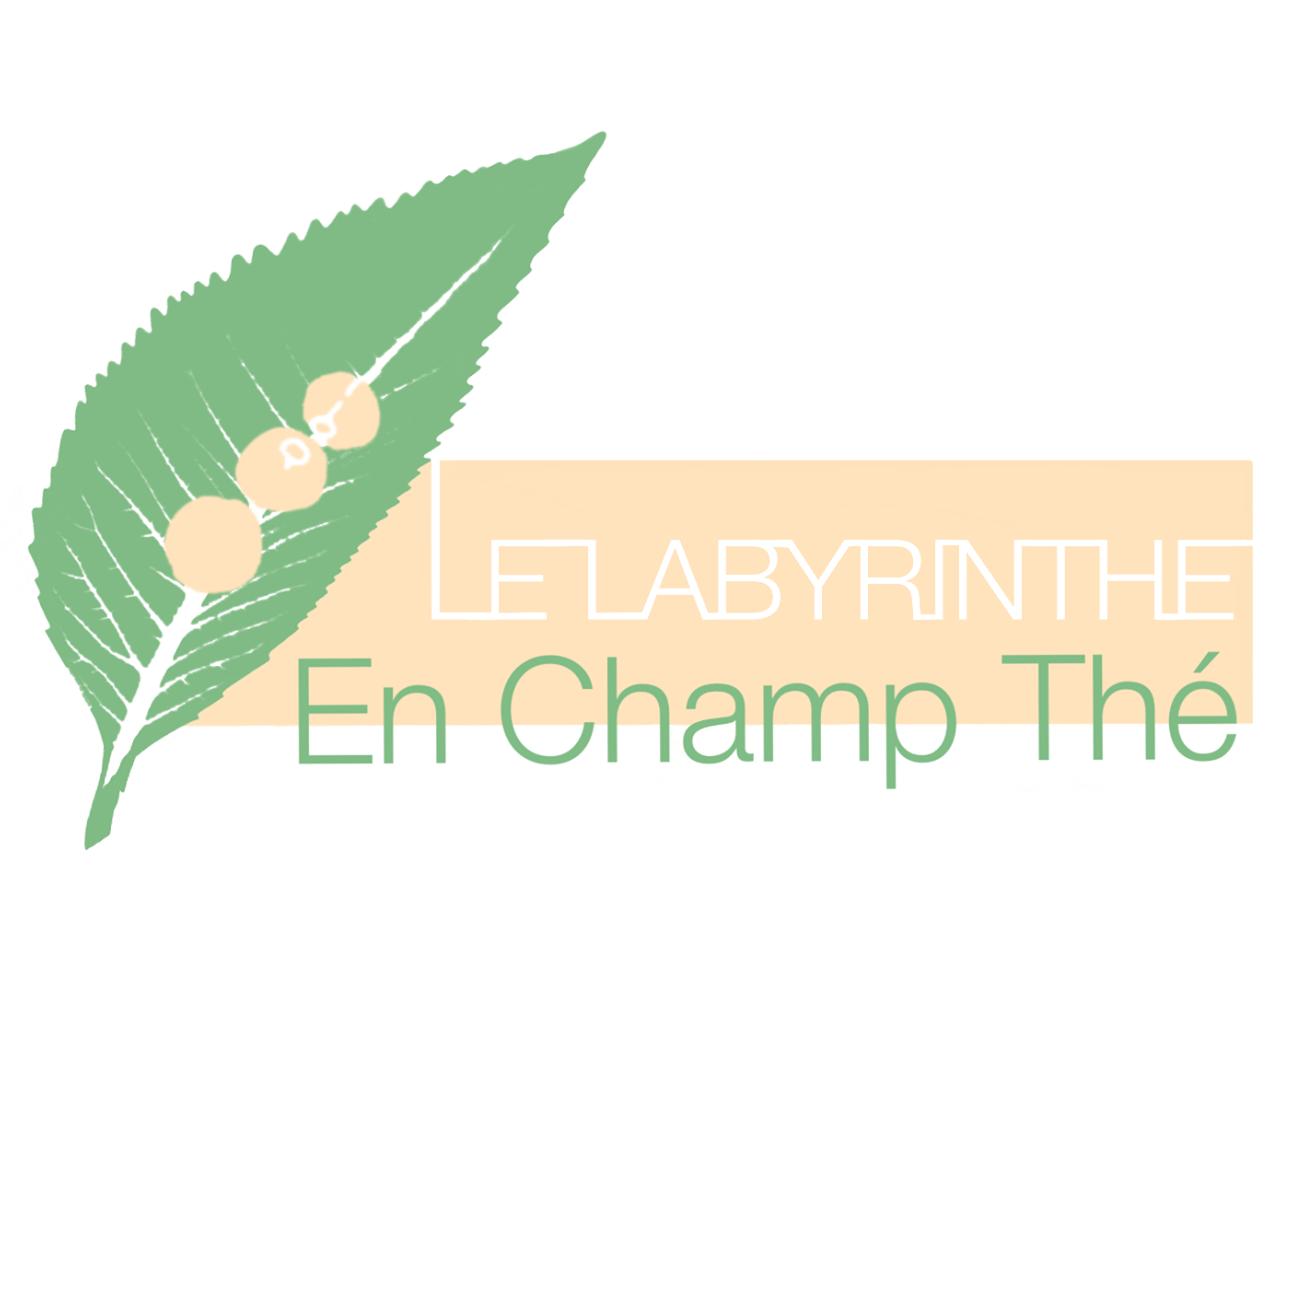 Le Labyrinthe En-Champ-Thé